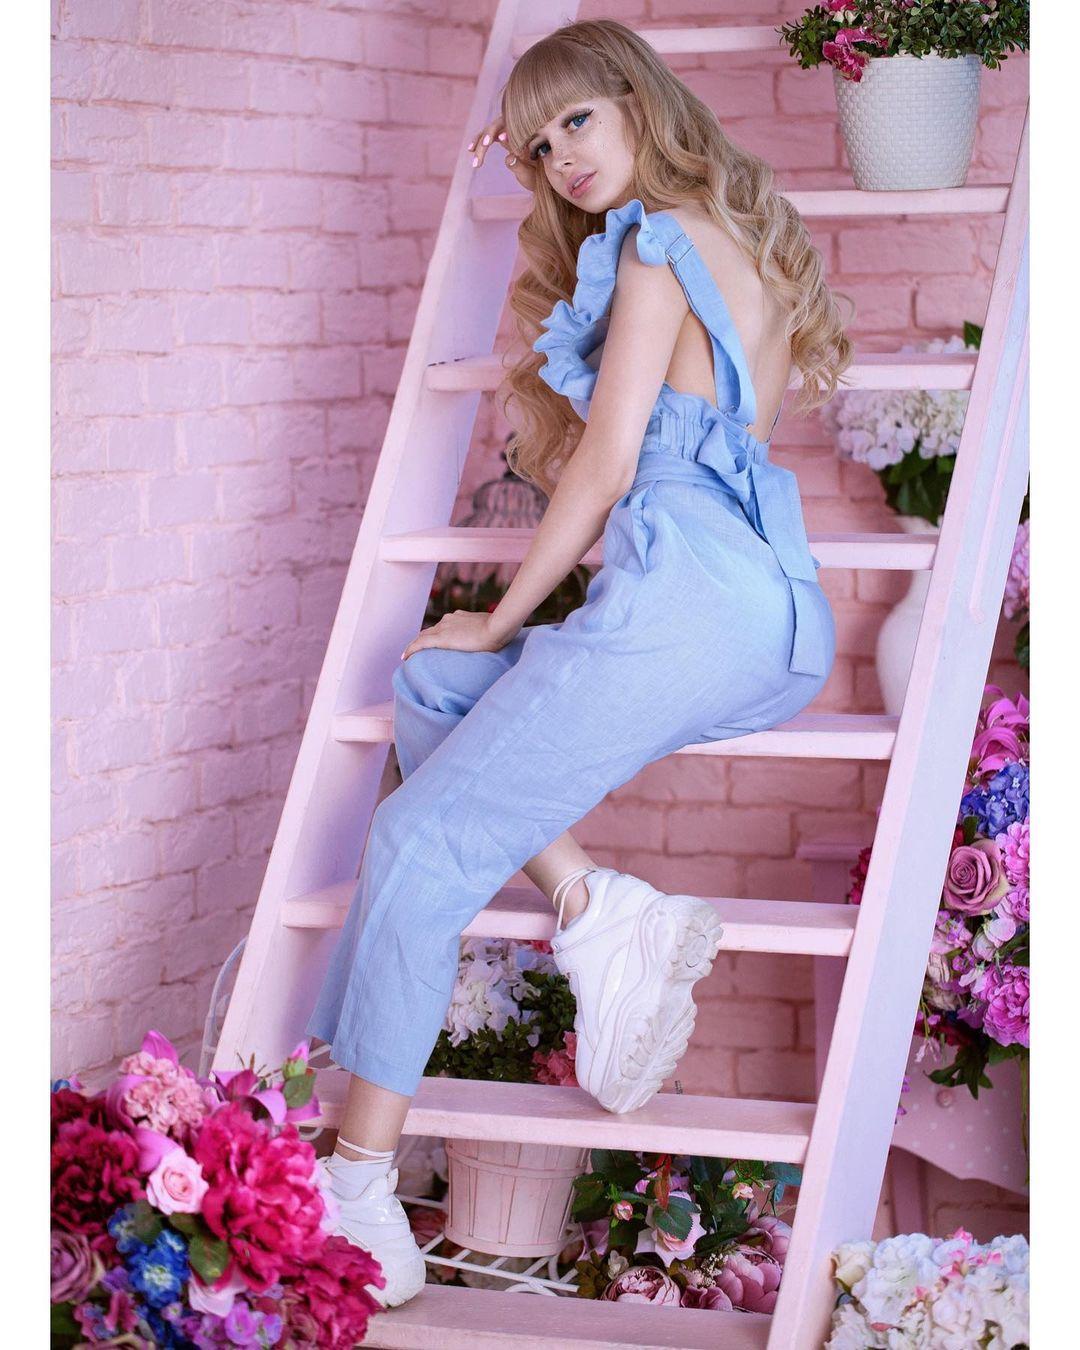 Angelica Kenova (Анжелика Кенова) - Русская Барби с милым личиком 1